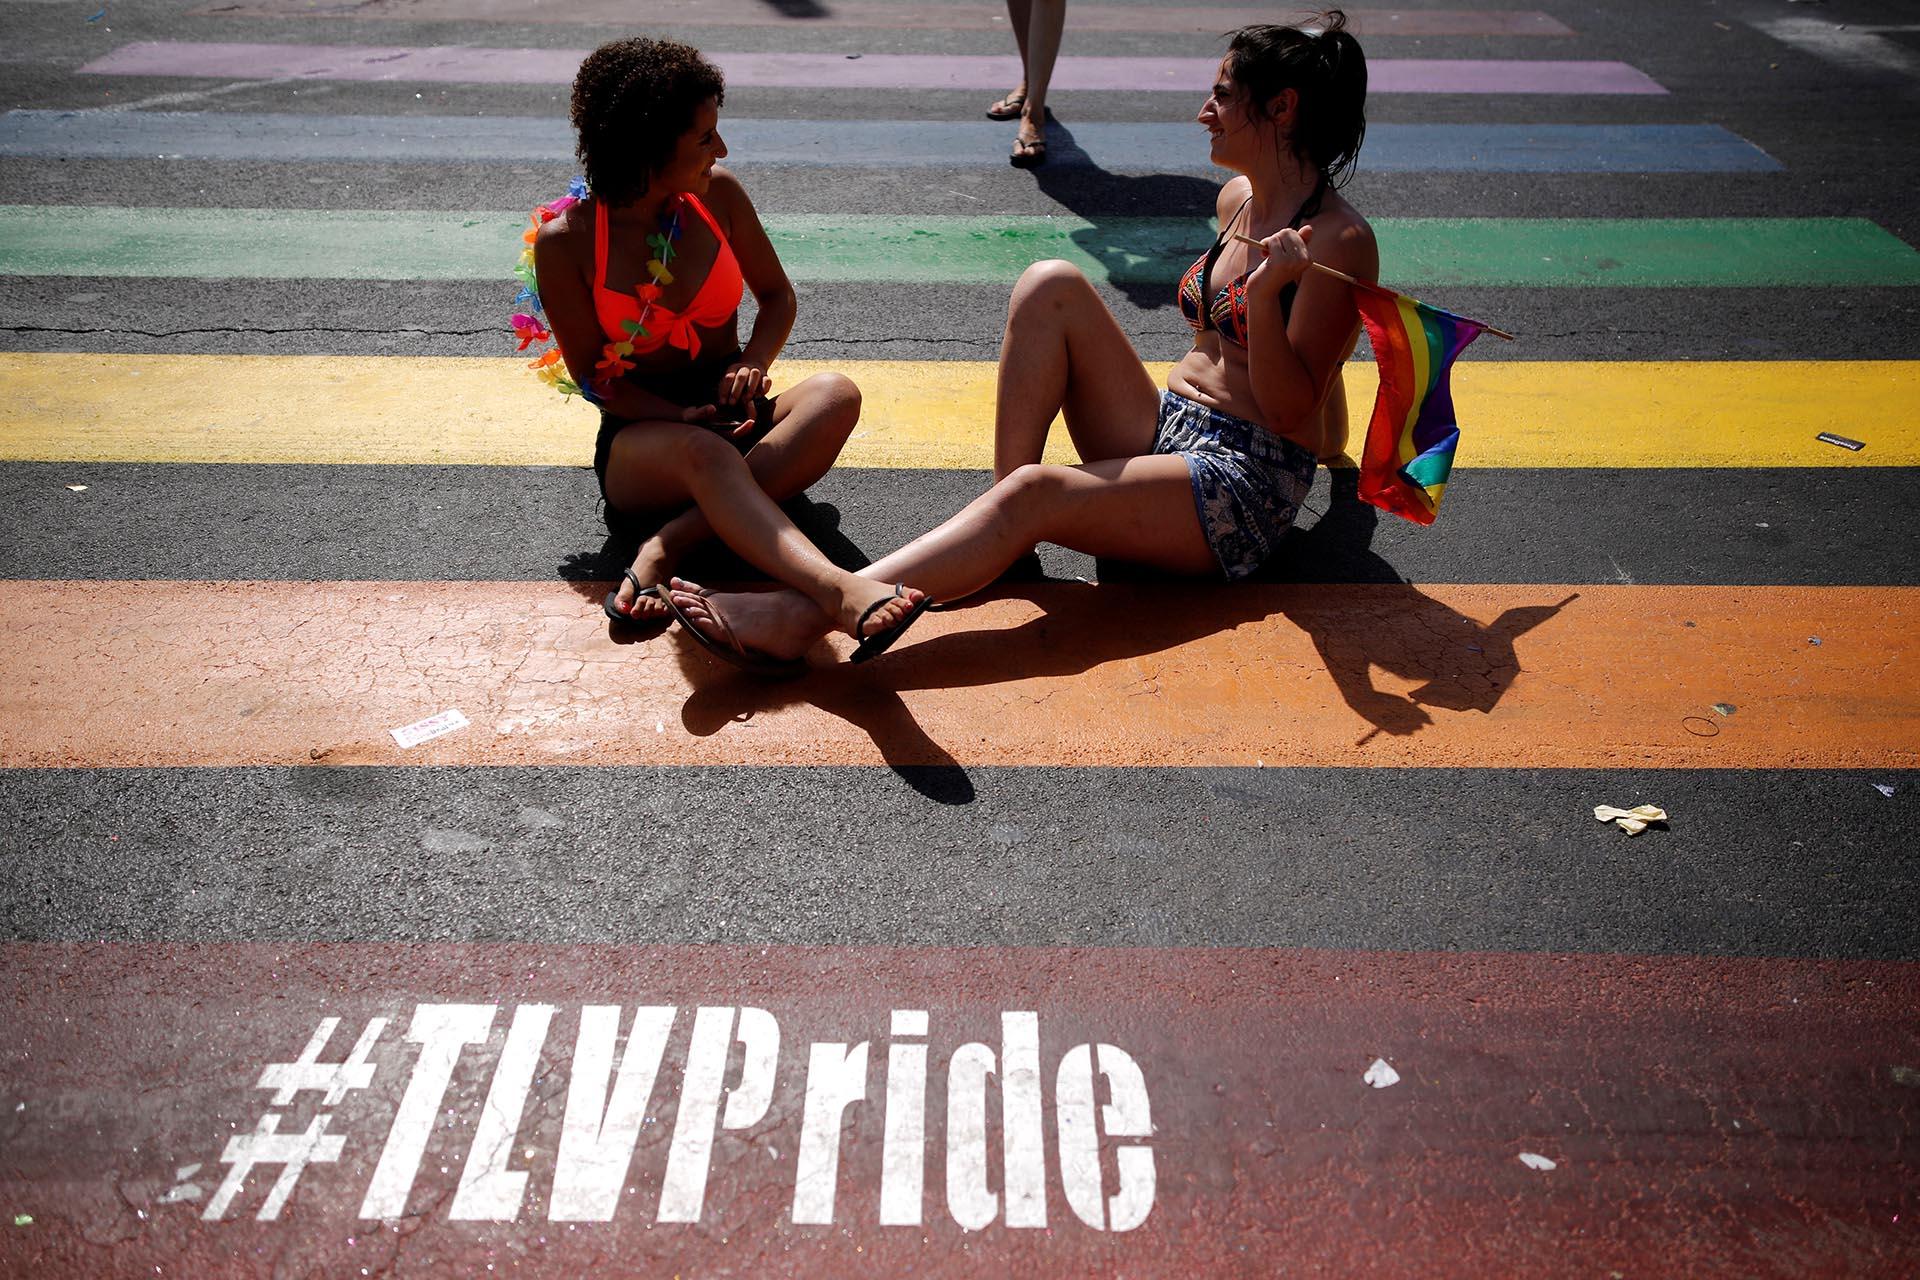 Manifestantes durante un desfile de orgullo gay en Tel Aviv, Israel